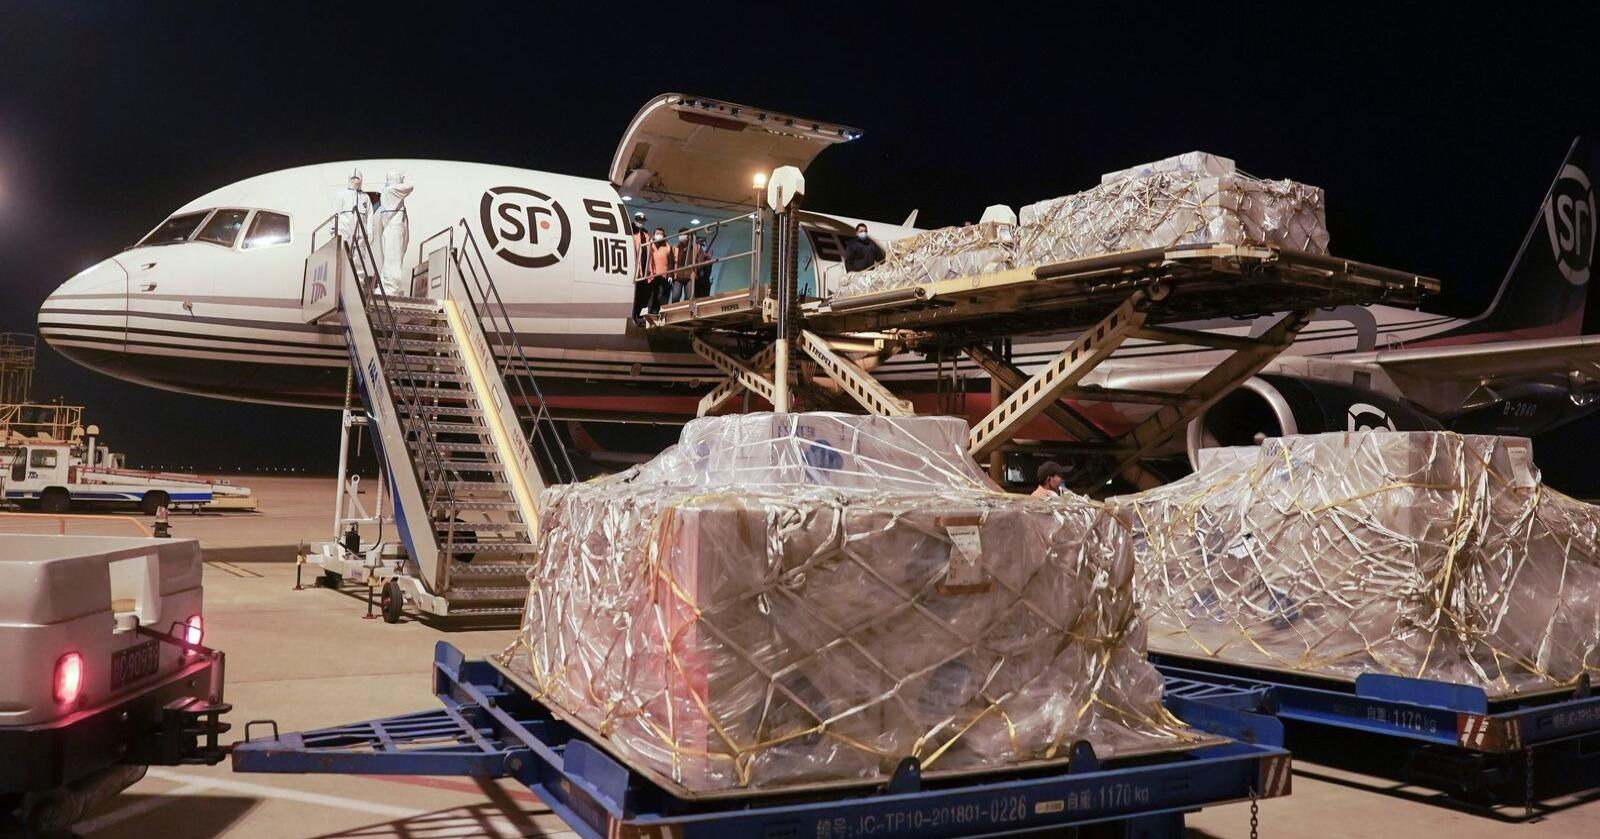 Her blir ei forsyning overtrekksdressar lossa på den internasjonale flyplassen i Wuhan i Kina. Også i Noreg er beredskapen klar i tilfelle Wuhan-viruset blir registrert. Foto: Cheng Min/Xinhua via AP